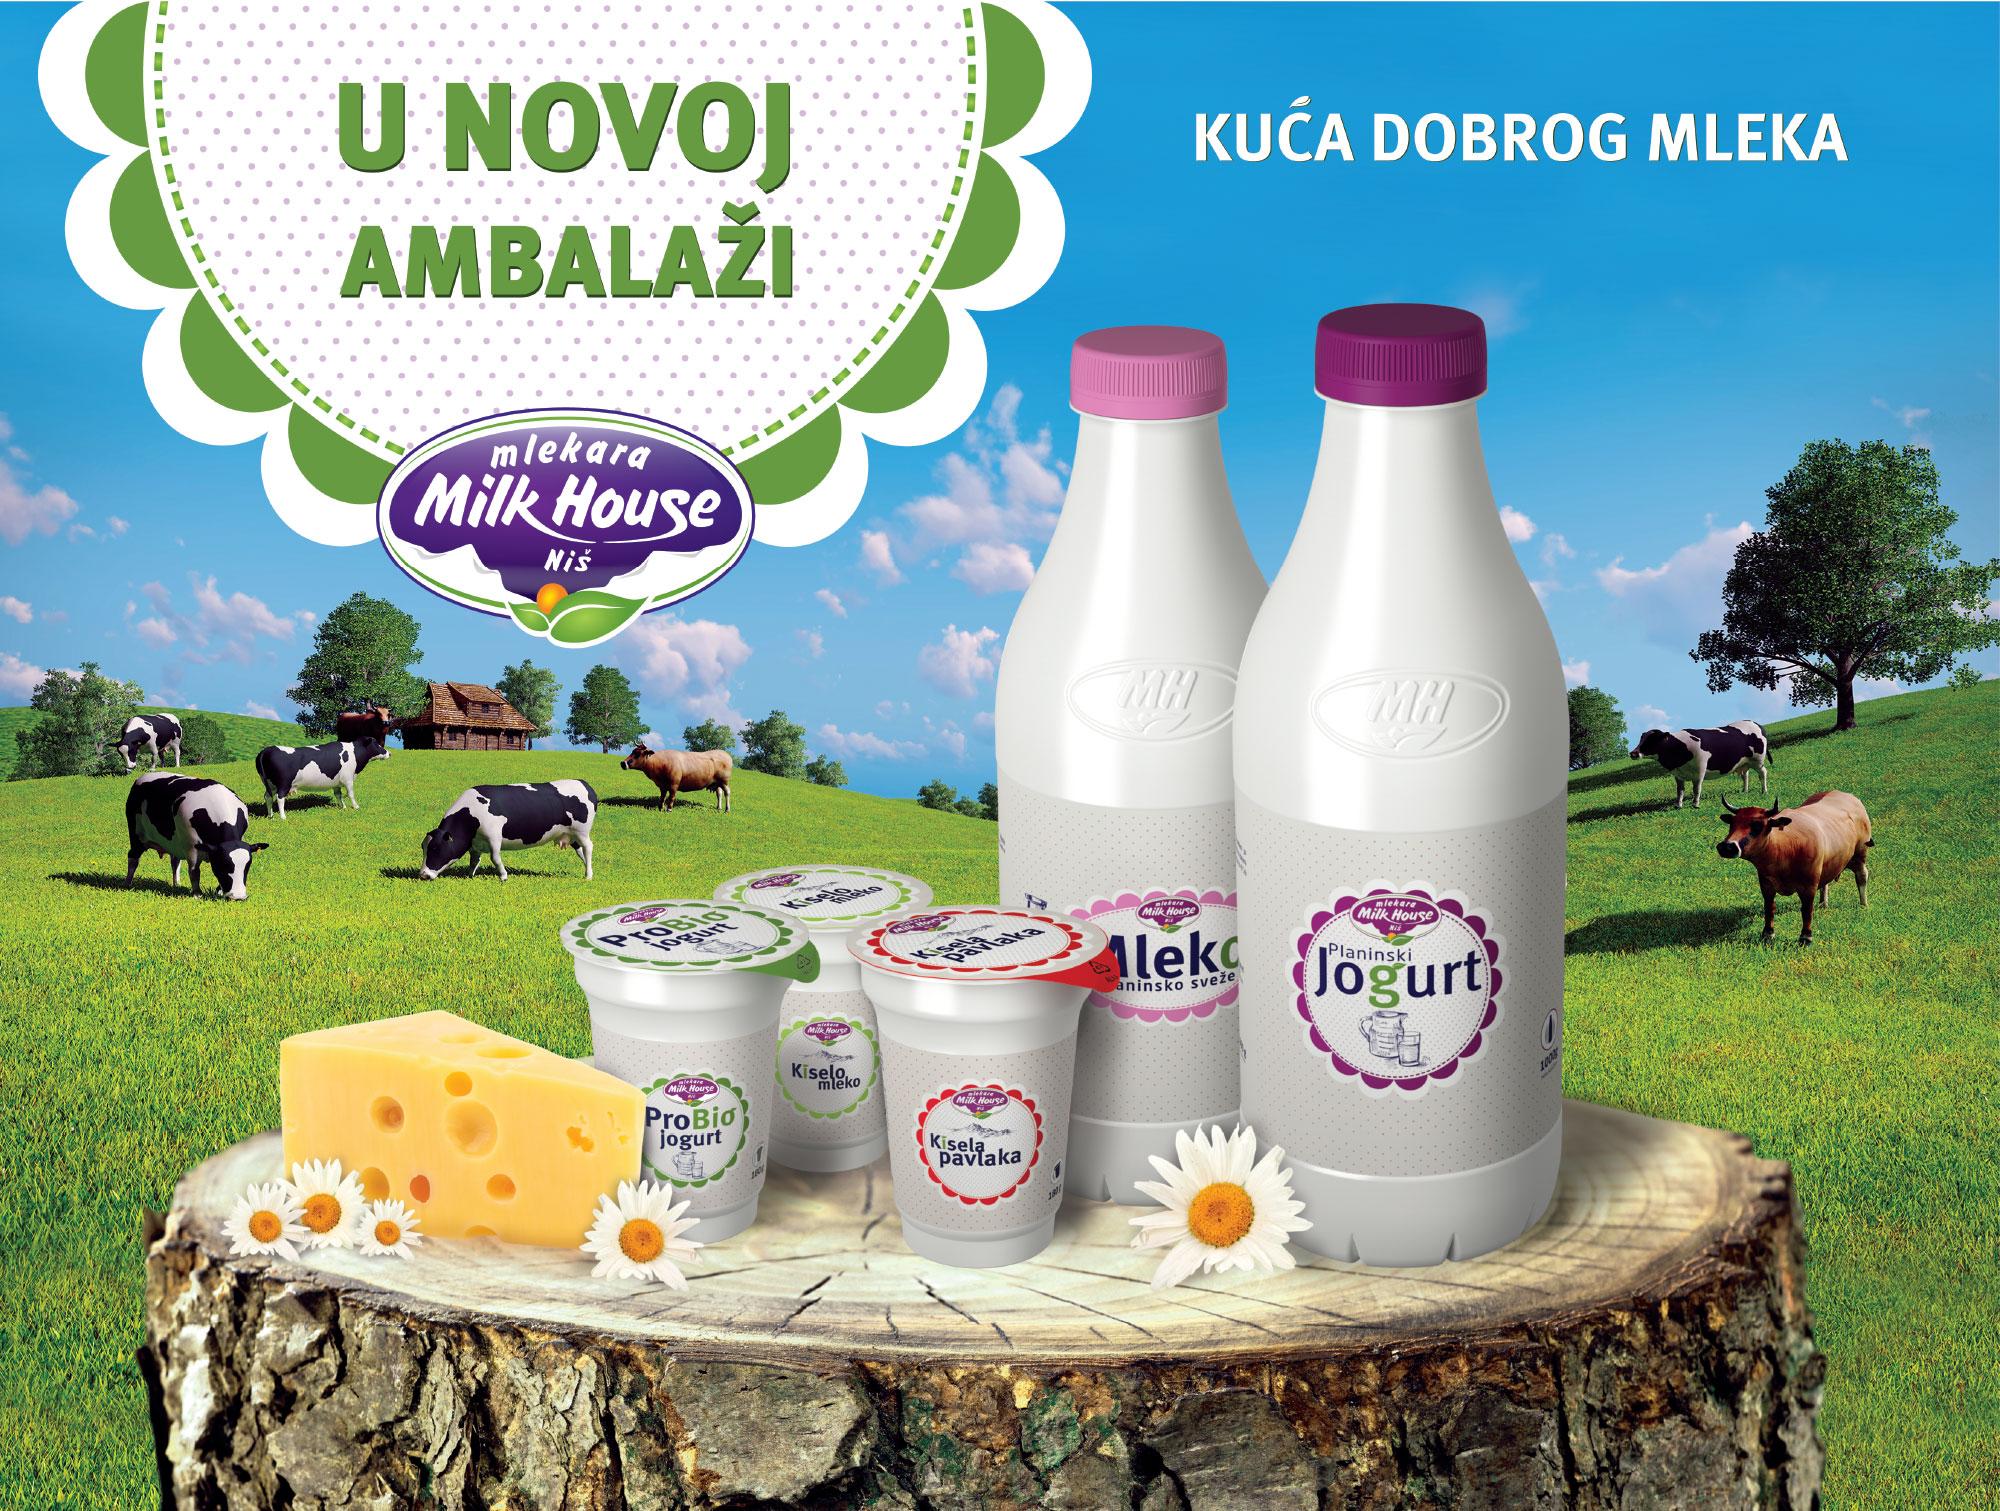 kuca dobrog mleka